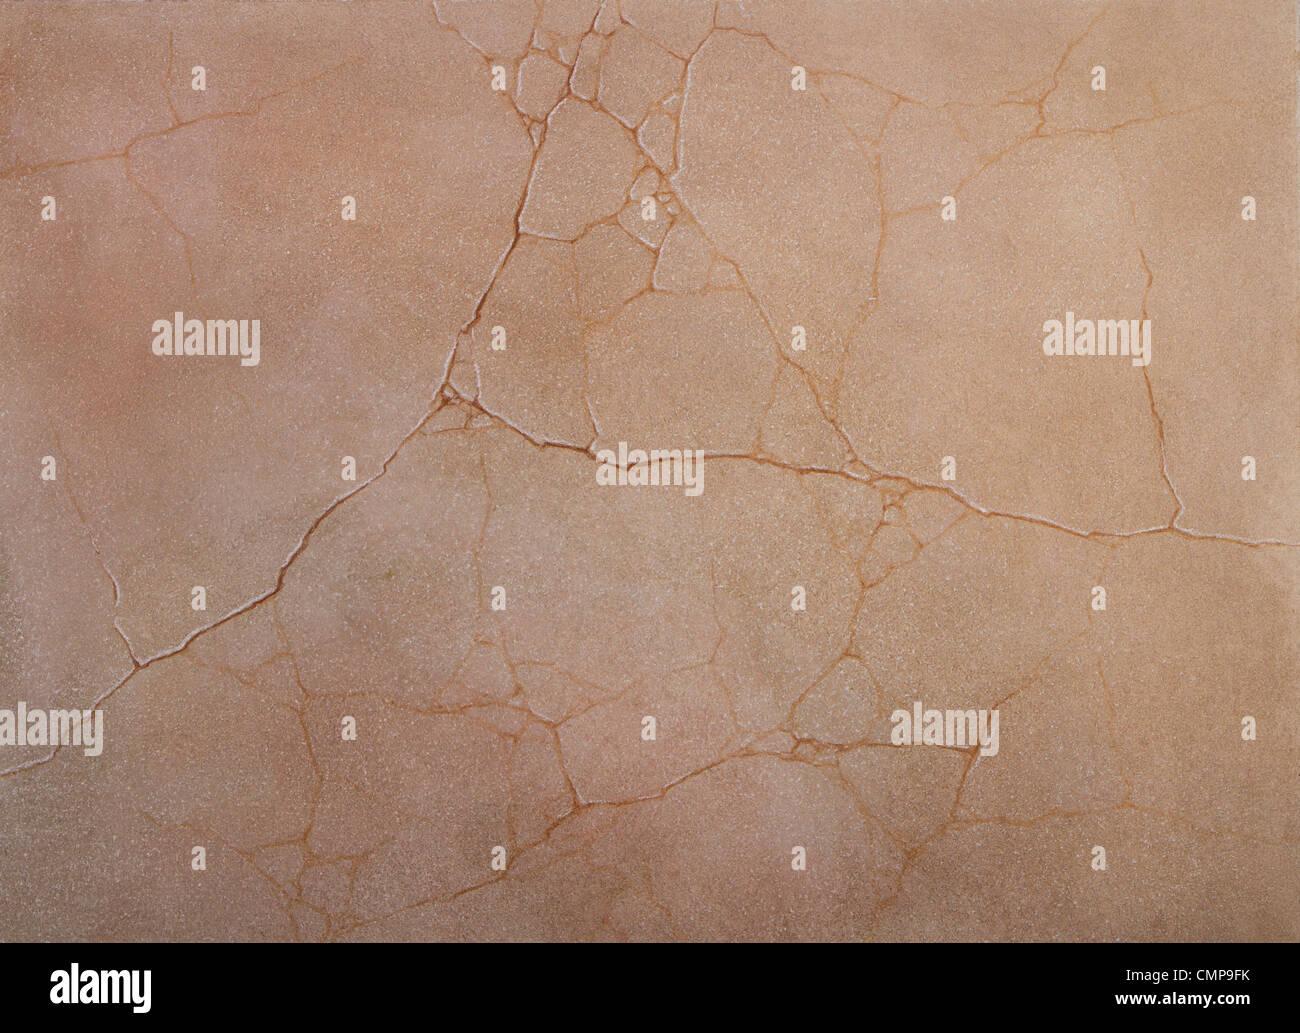 Tessitura grossolana del cemento incrinato pareti ricoperte di vernice rosa Immagini Stock